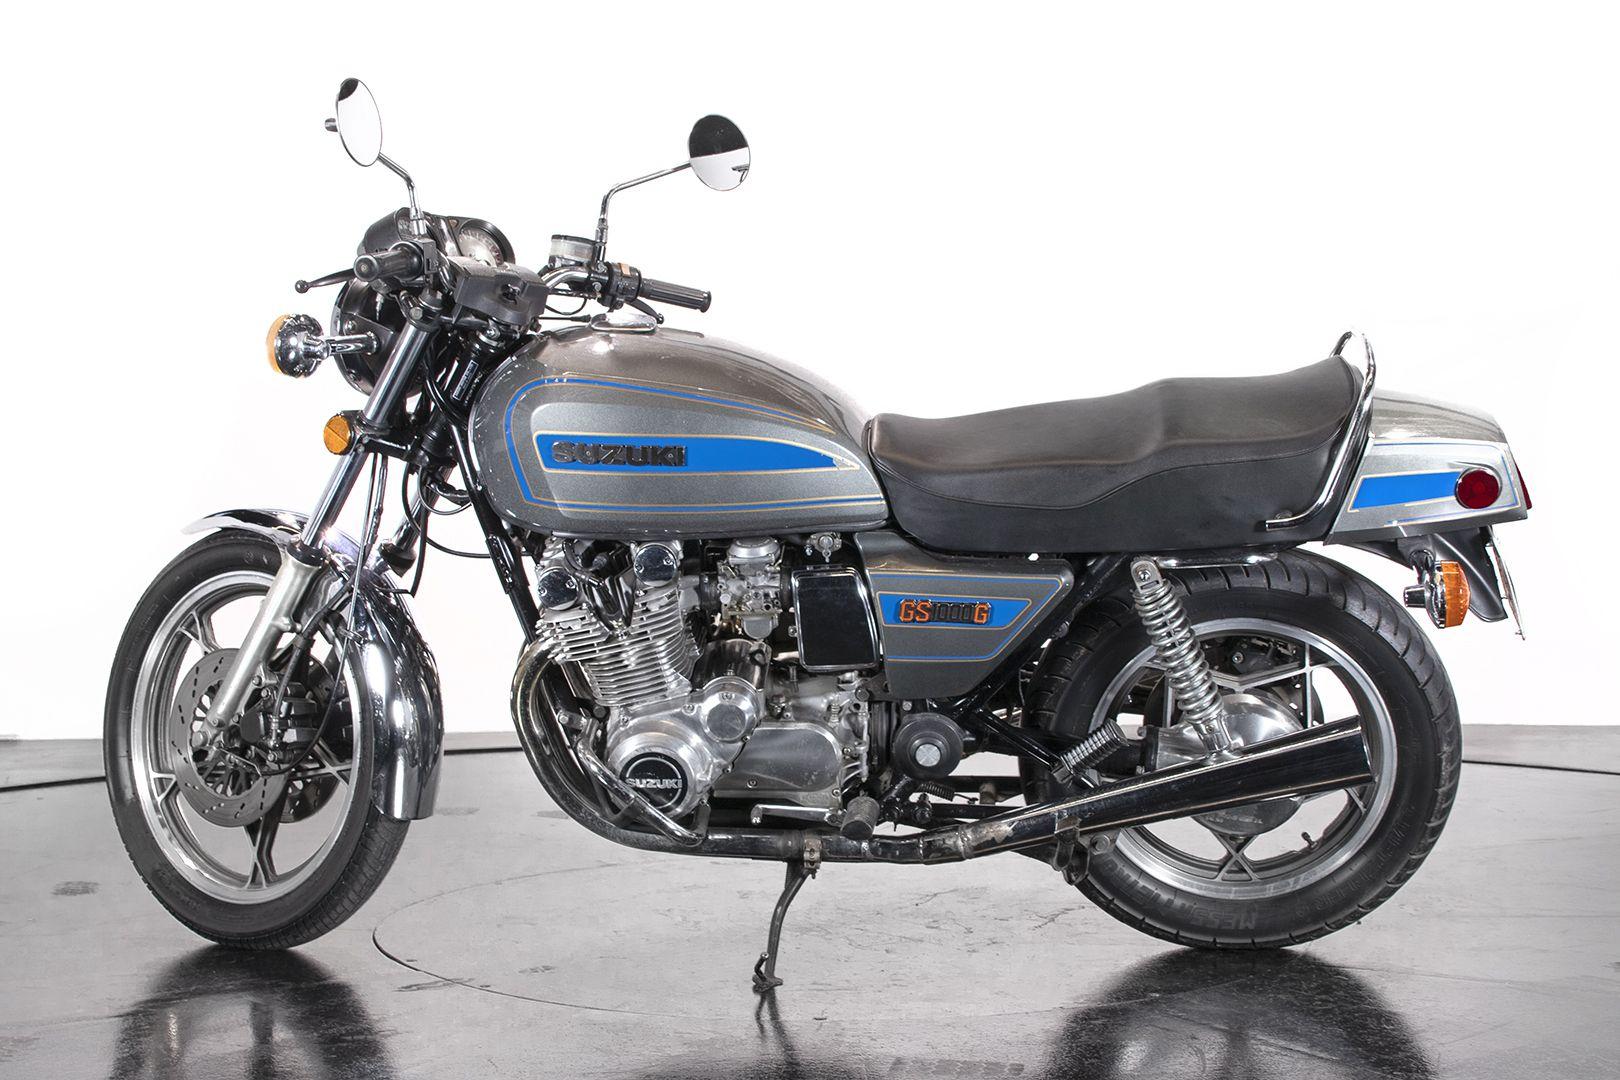 1980 Suzuki GS 1000 60292